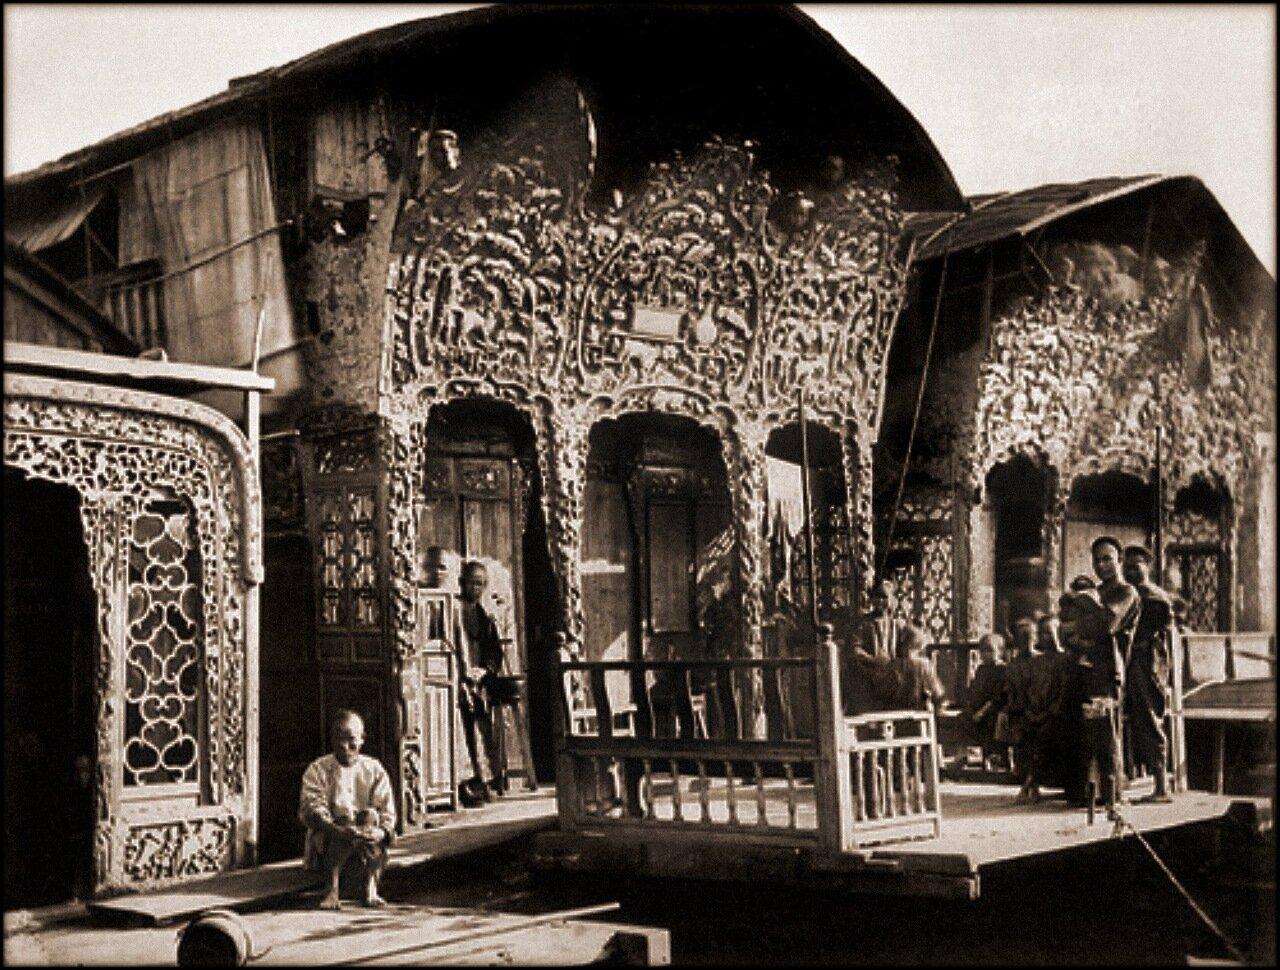 1871. Плавучий бордель (Цветочная лодка) в Кантоне